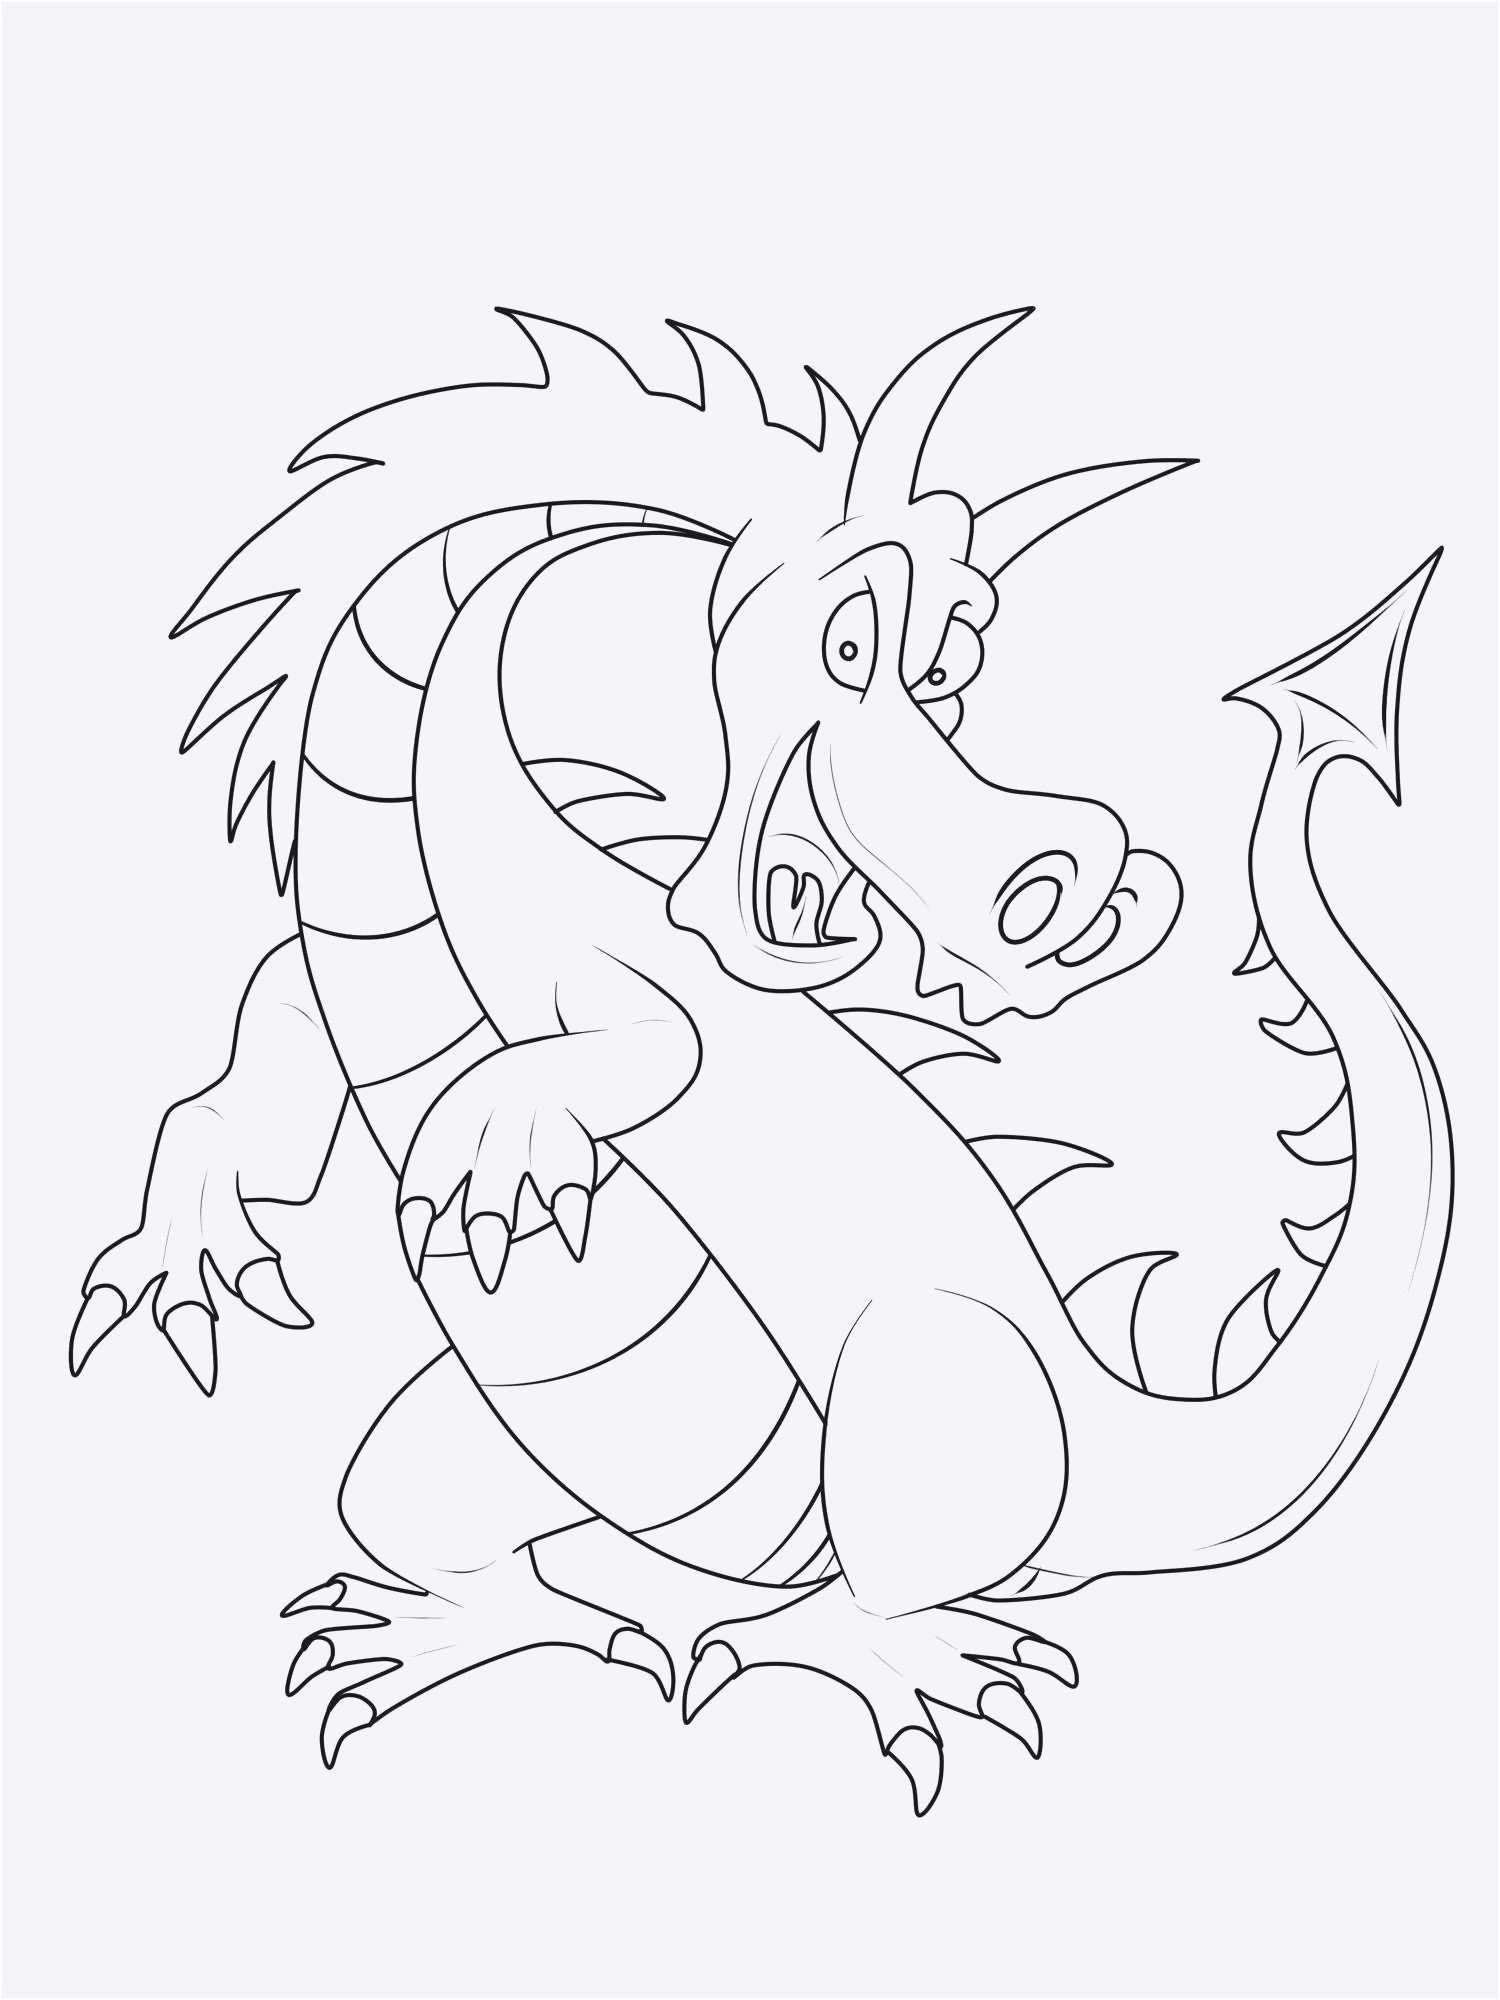 Ausmalbilder Drachen Das Beste Von Drachen Bilder Kostenlos Befreit Newsletter Bilder